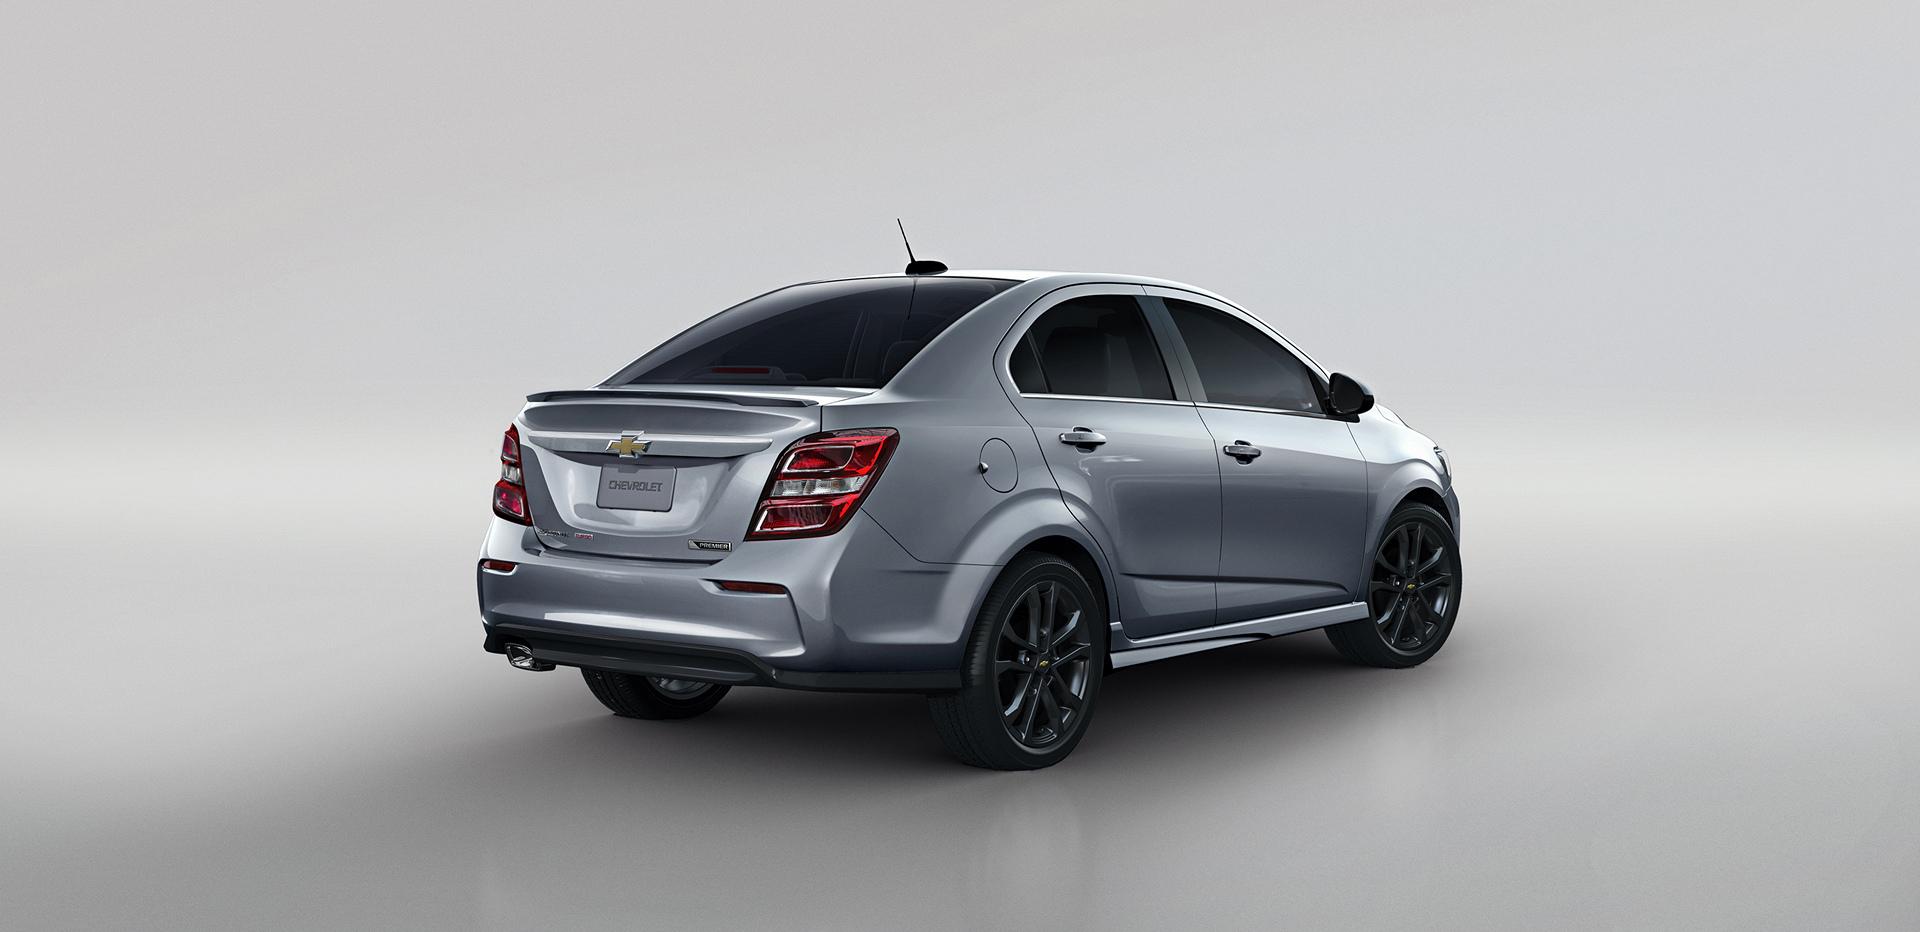 2017 Chevrolet Sonic Review Carrrs Auto Portal